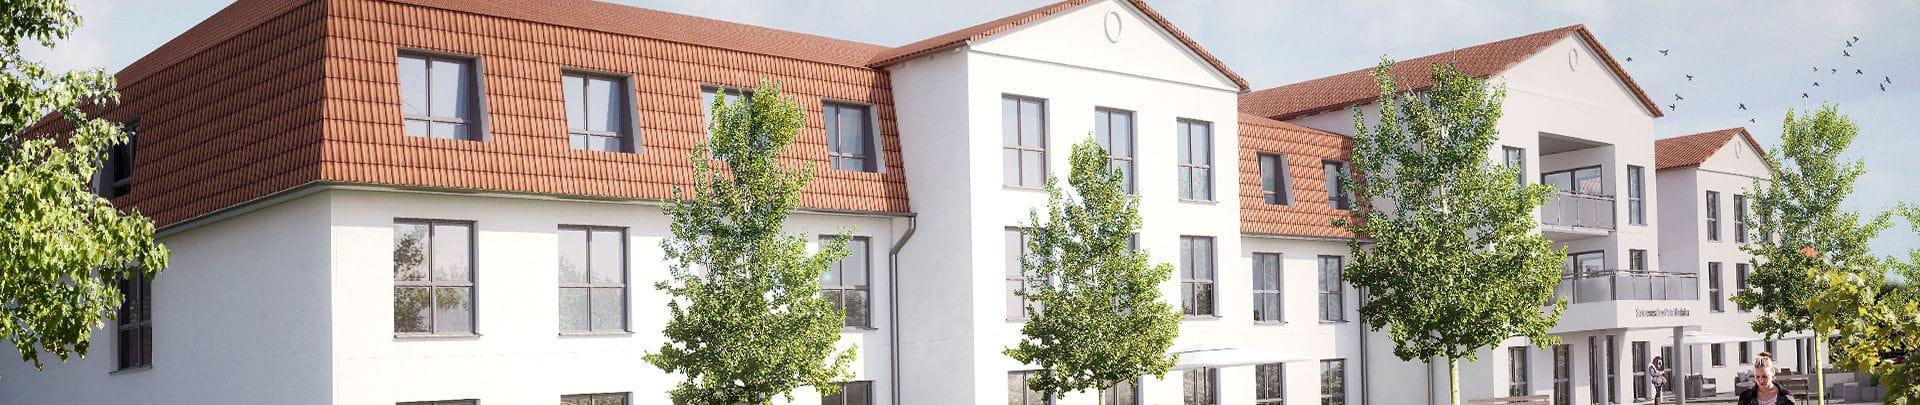 Pflegeimmobilien und Kapitalanlage